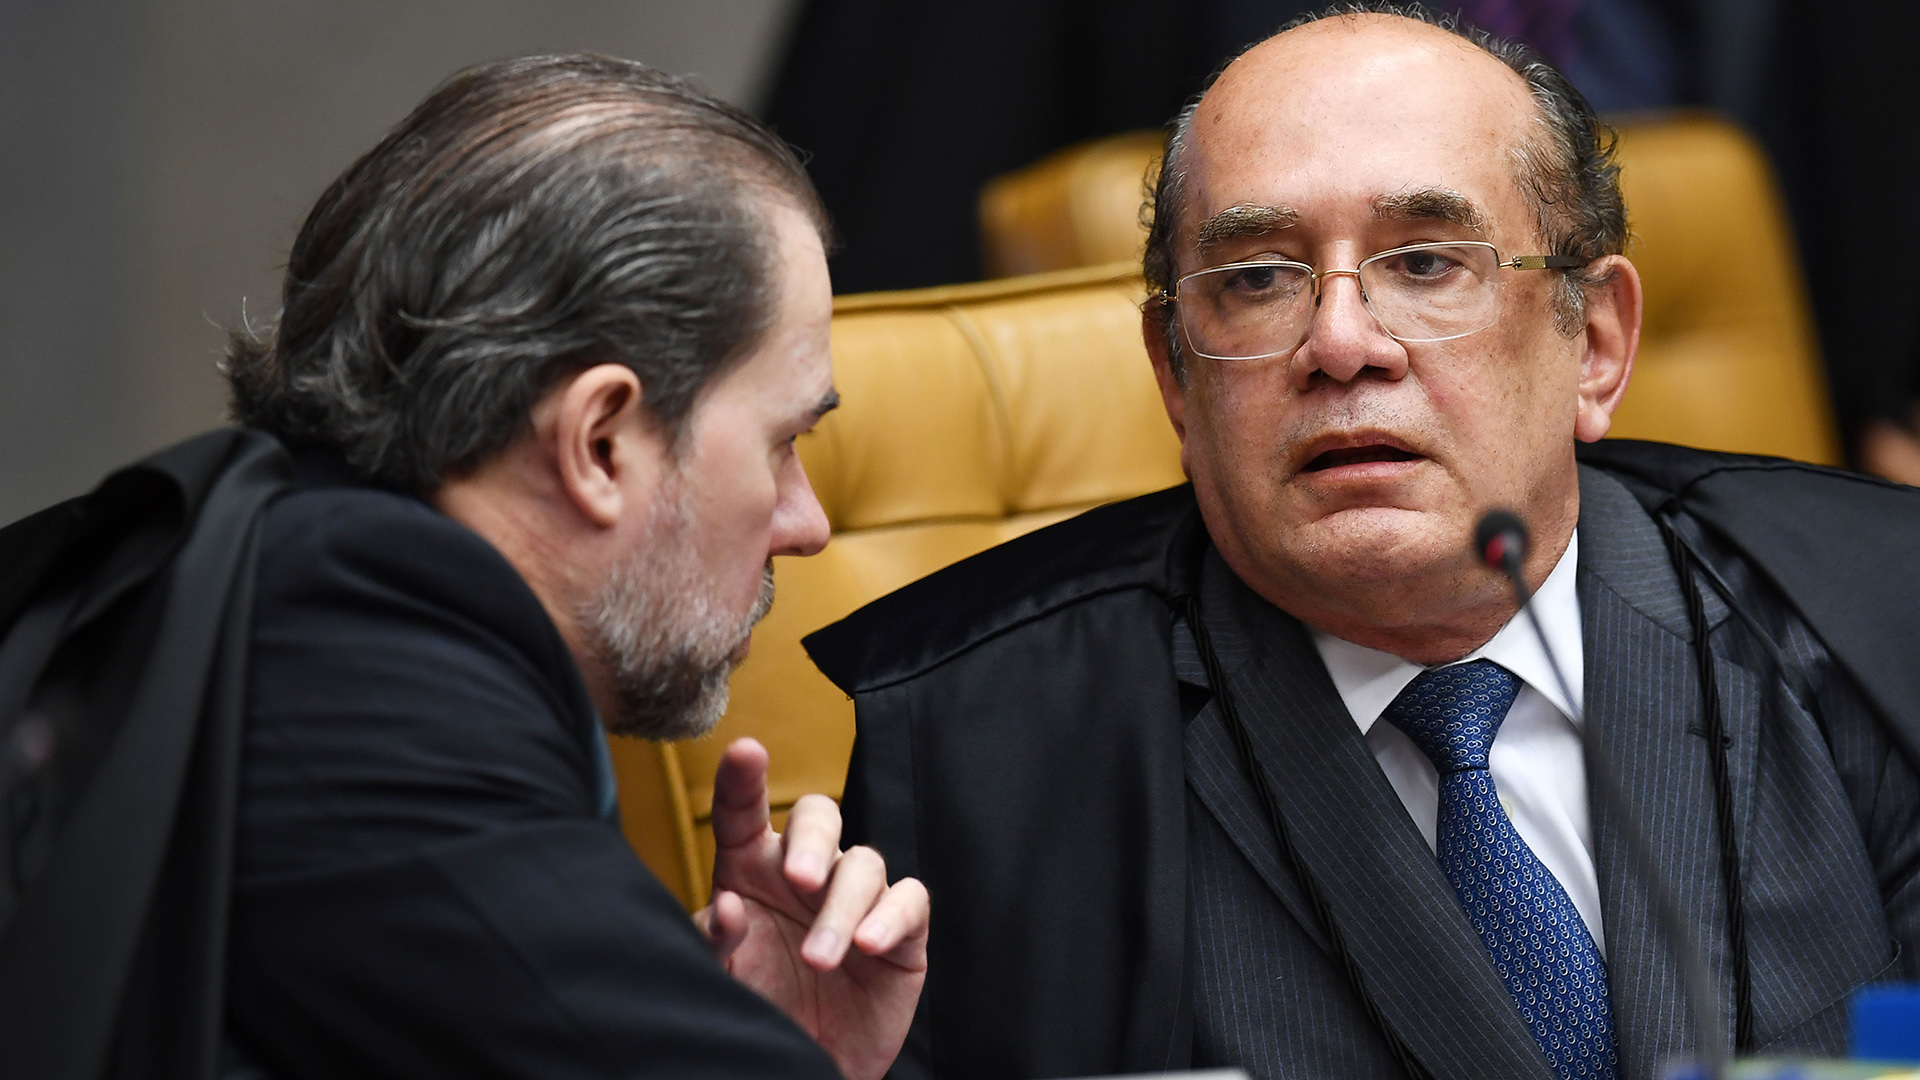 Los jueces Gilmar Mendes y Dias Toffoli conversan antes de dar inico a la sesión (AFP)